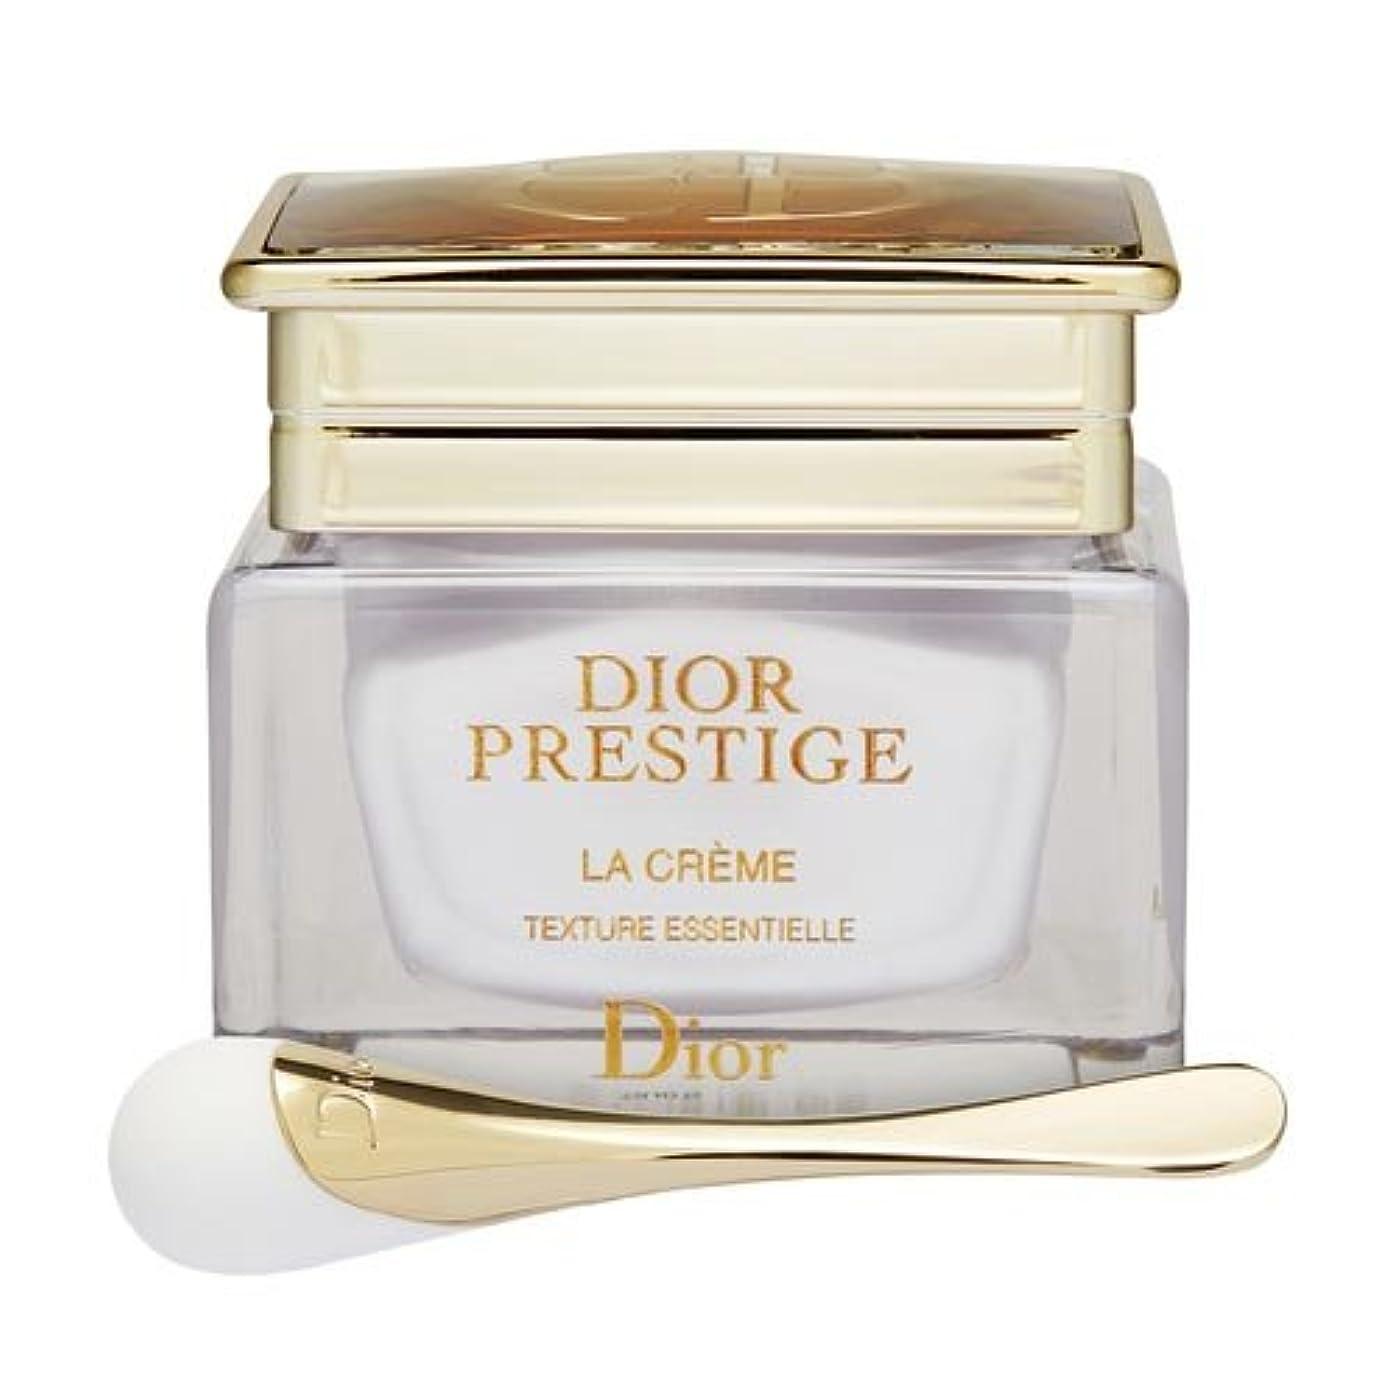 振る舞う方法論植生ディオール(Dior) プレステージ ラ クレーム 50ml[並行輸入品]